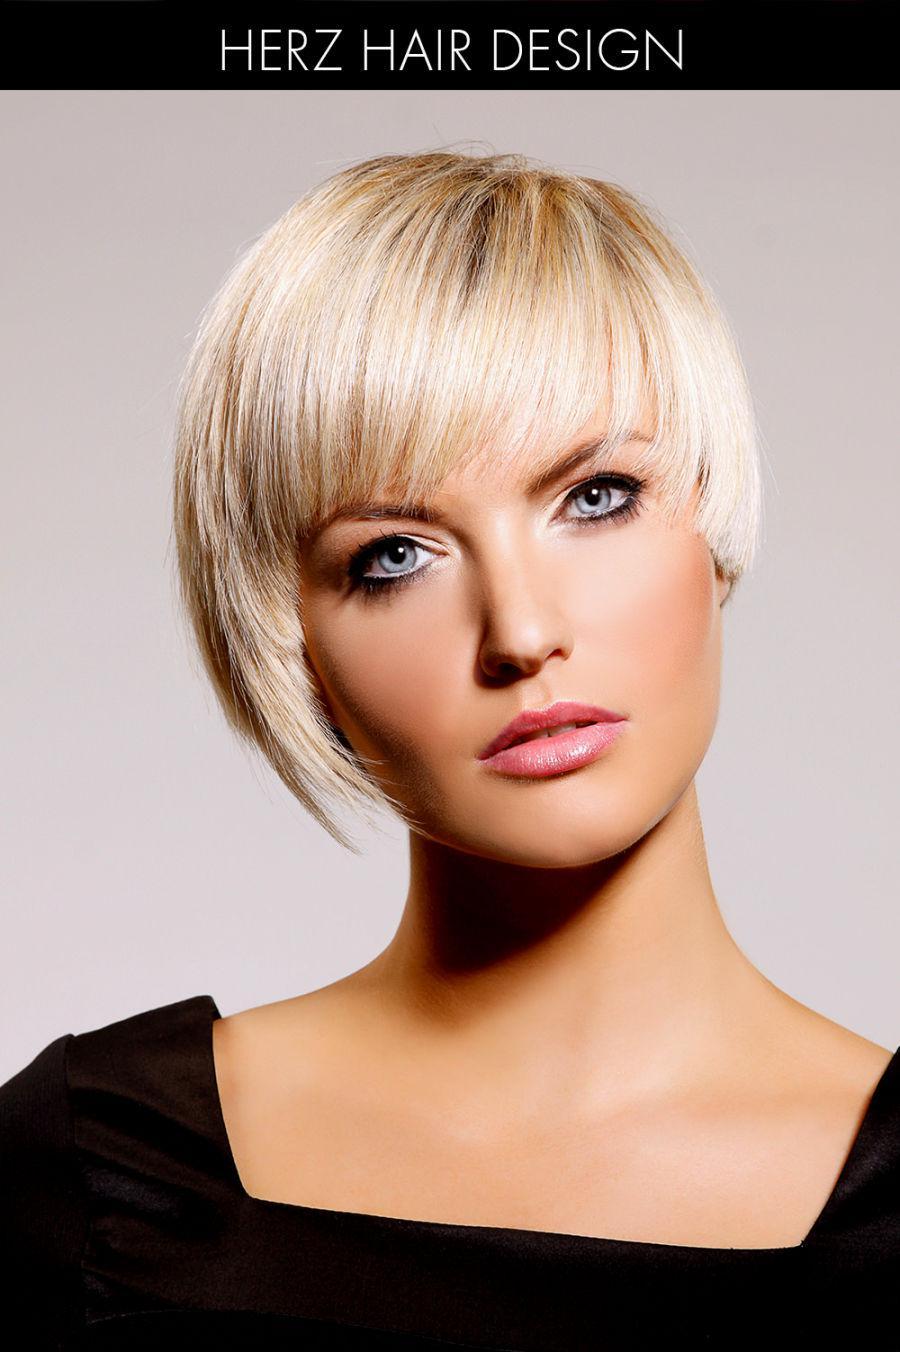 image75-1 | Модные женские стрижки на короткие волосы: основные правила и варианты исполнения